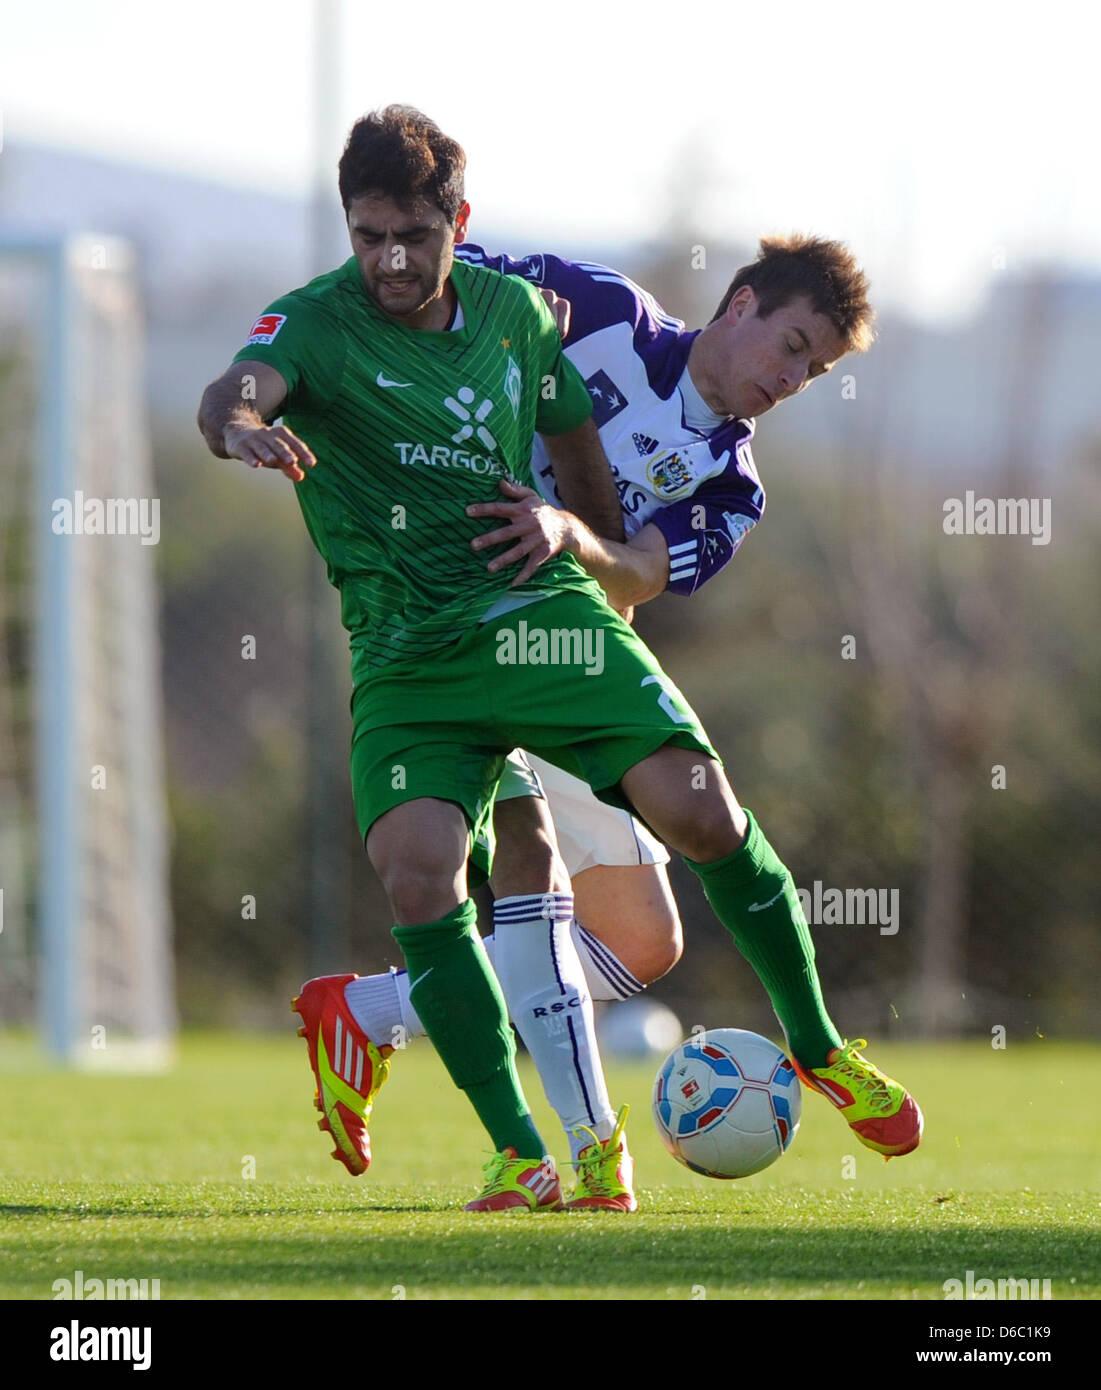 Bremens Mehmet Ekici (l) und Lukas Marecek vom belgischen Erstliga-Club RSC Anderlecht kämpfen am Montag (09.01.2012) - Stock Image